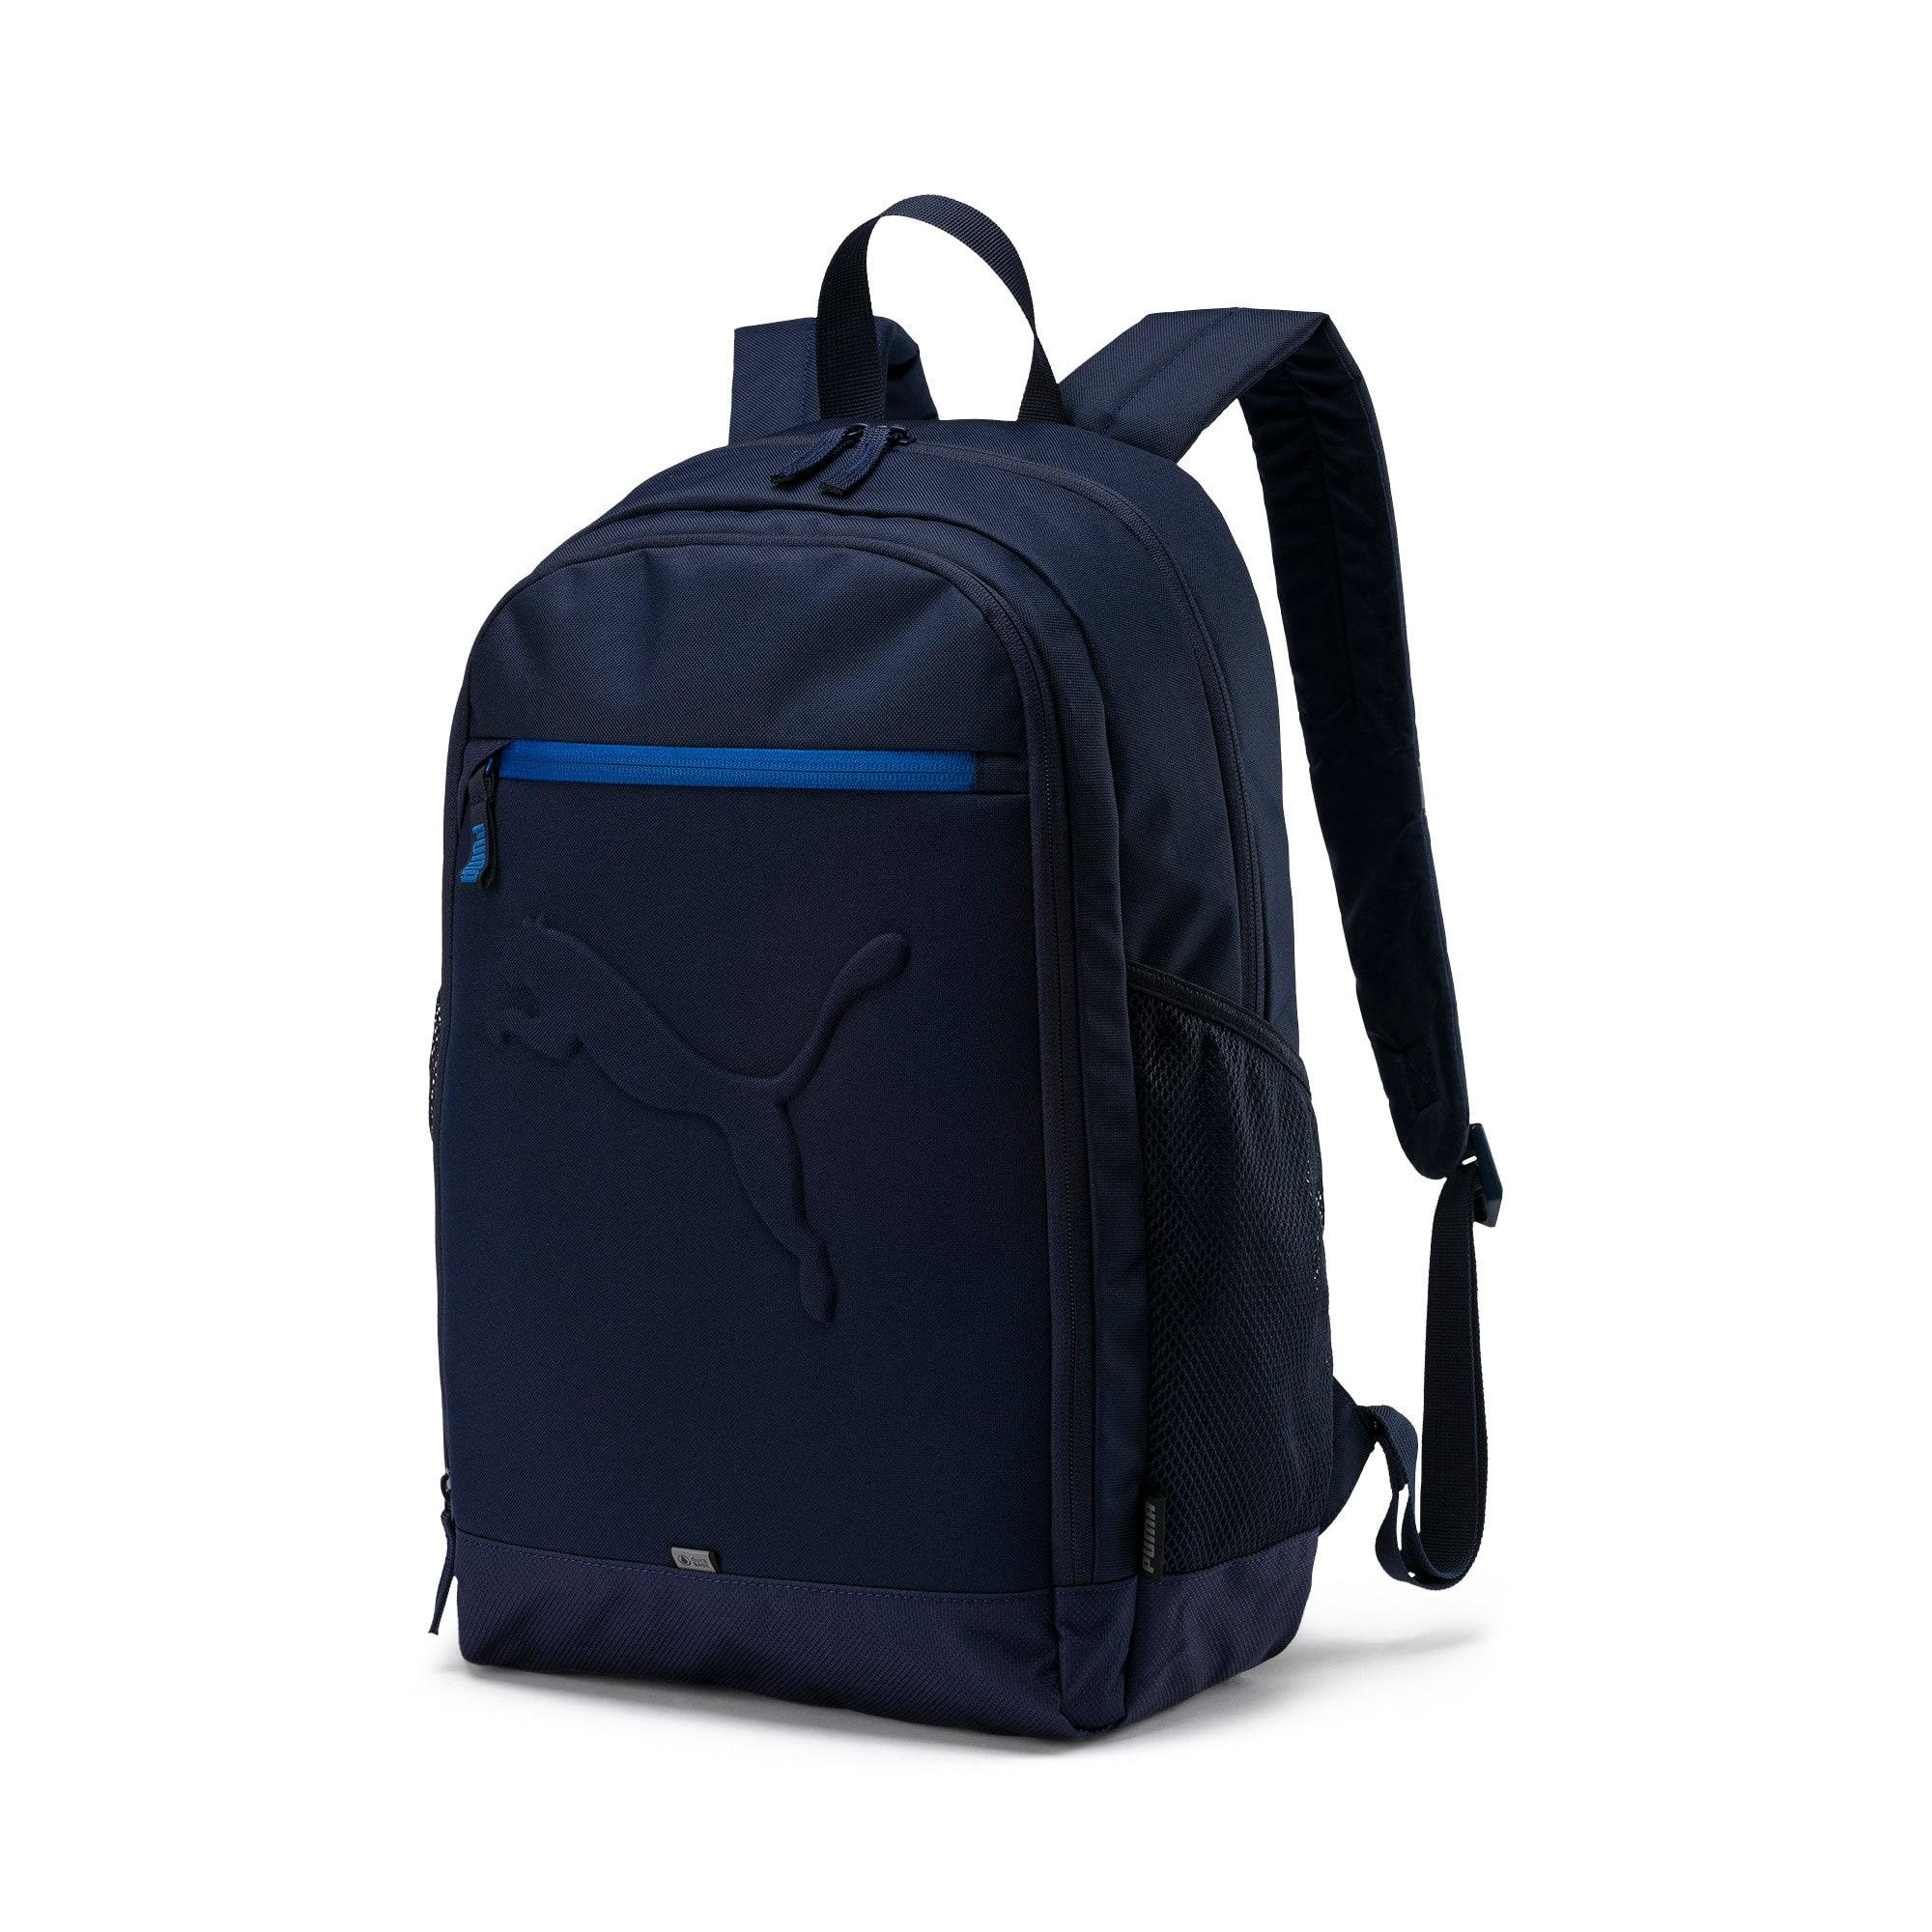 Thumbnail 1 of PUMA Buzz Backpack, Peacoat, medium